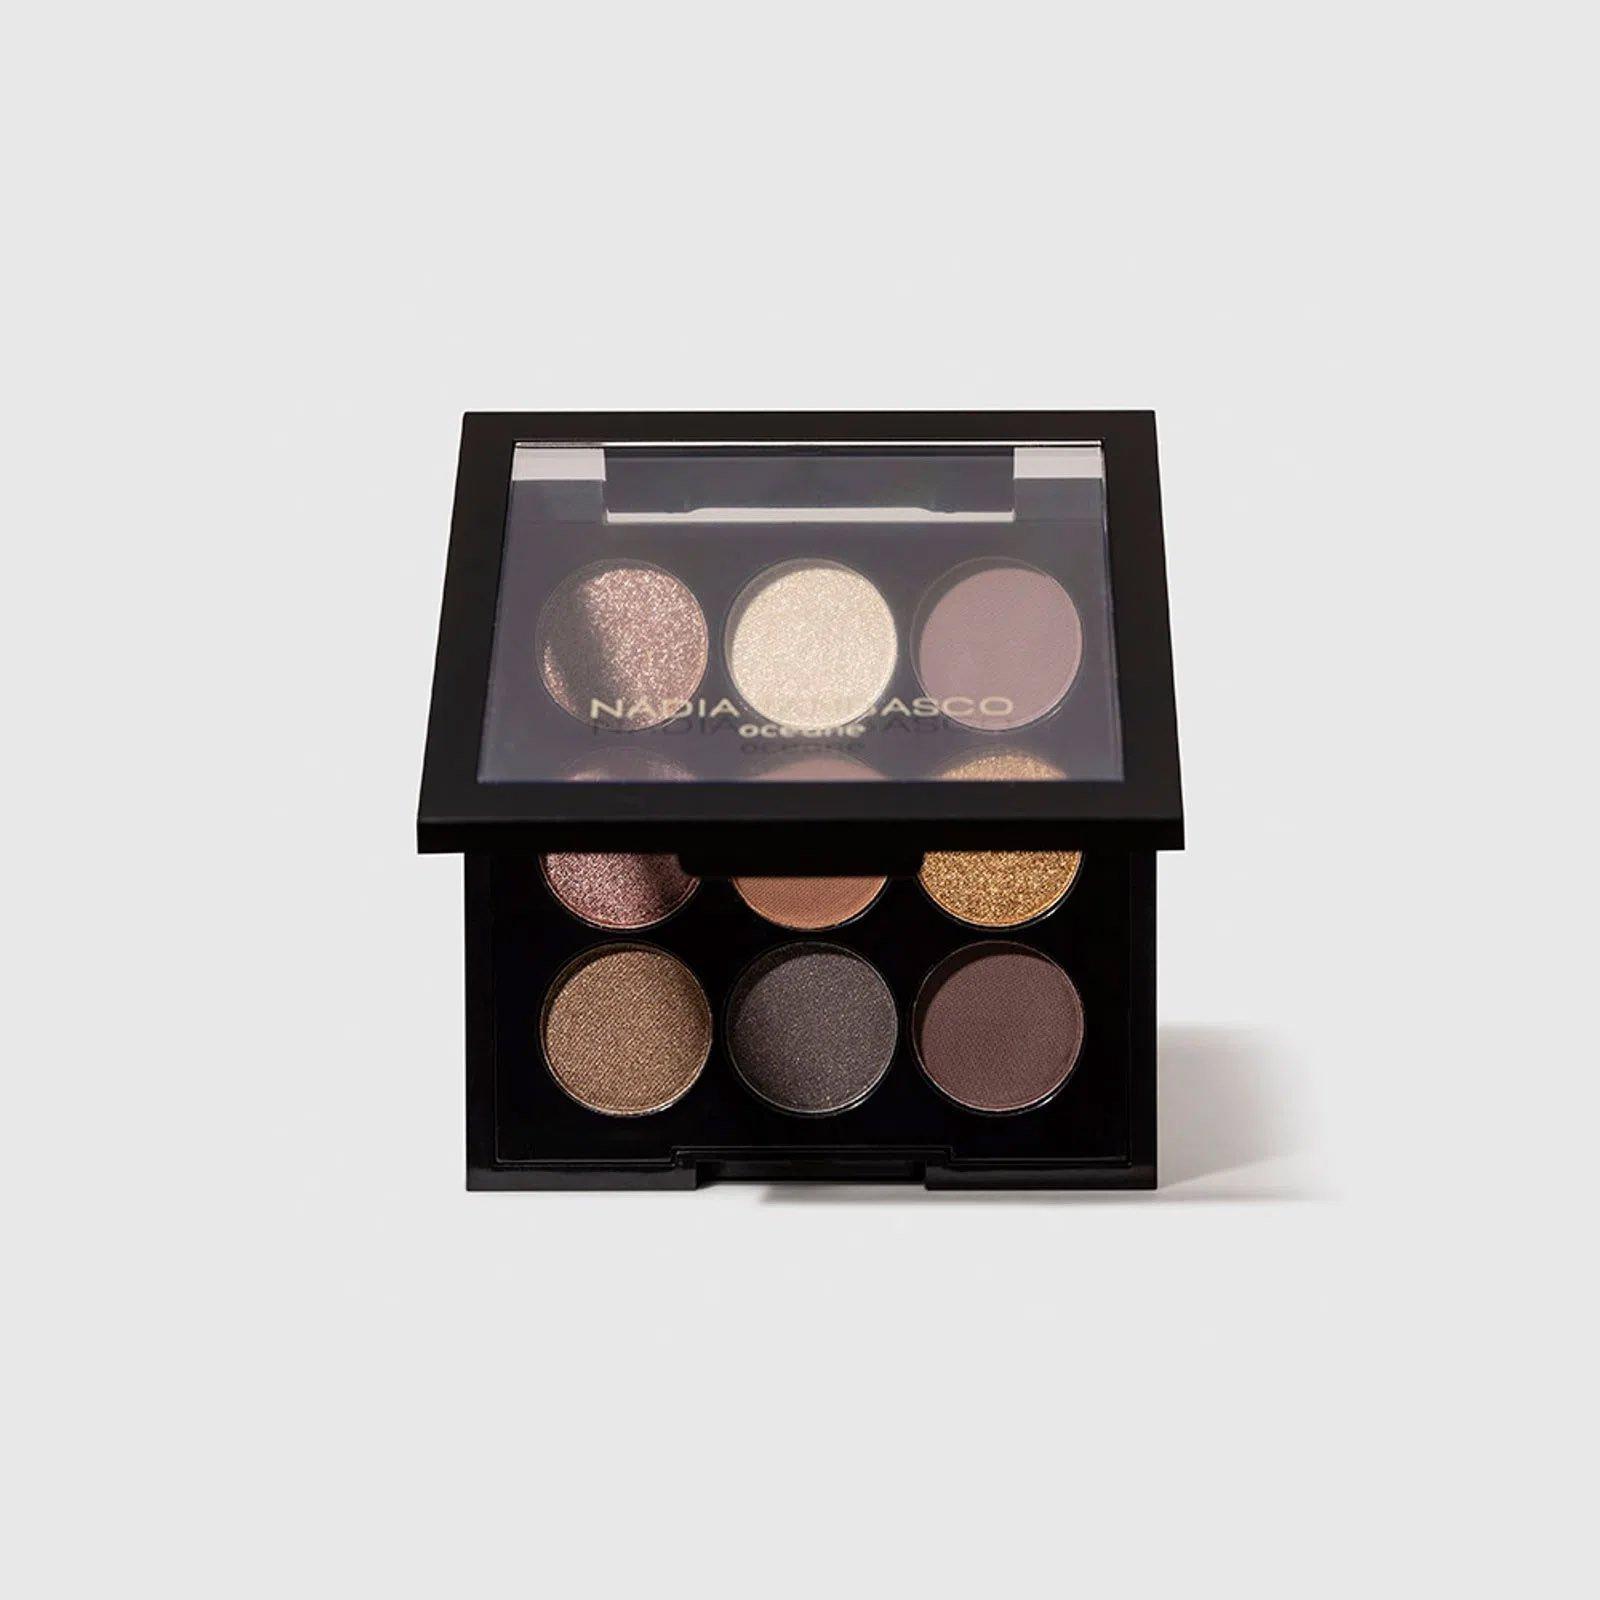 maquiagem paleta de sombras to go basic oceane nadia tambasco 51365 2000 204098